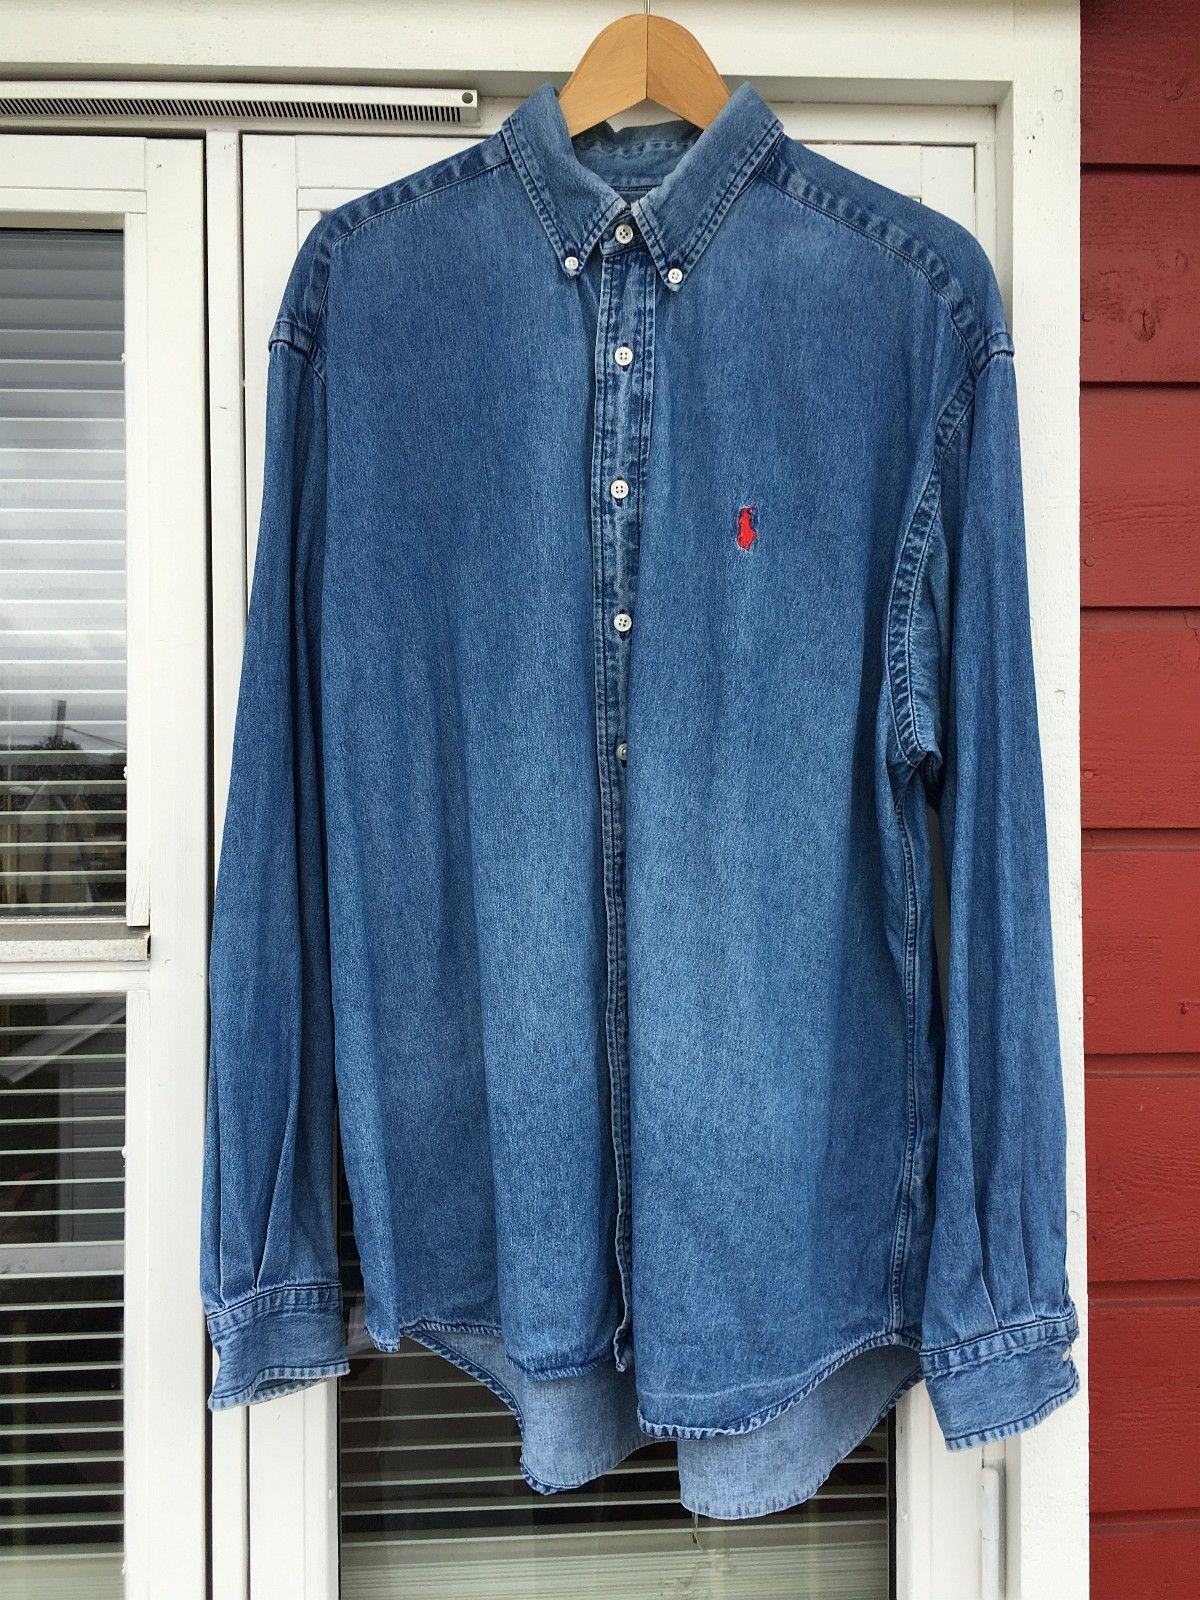 0ea37ae4 Solgt! Vintage, retro denim skjorte fra Polo Ralph Lauren, 90-talls, med  rød logo og kul, litt slitt, vask! Sjelden vare! Størrelse XL. I meget god  stan, ...